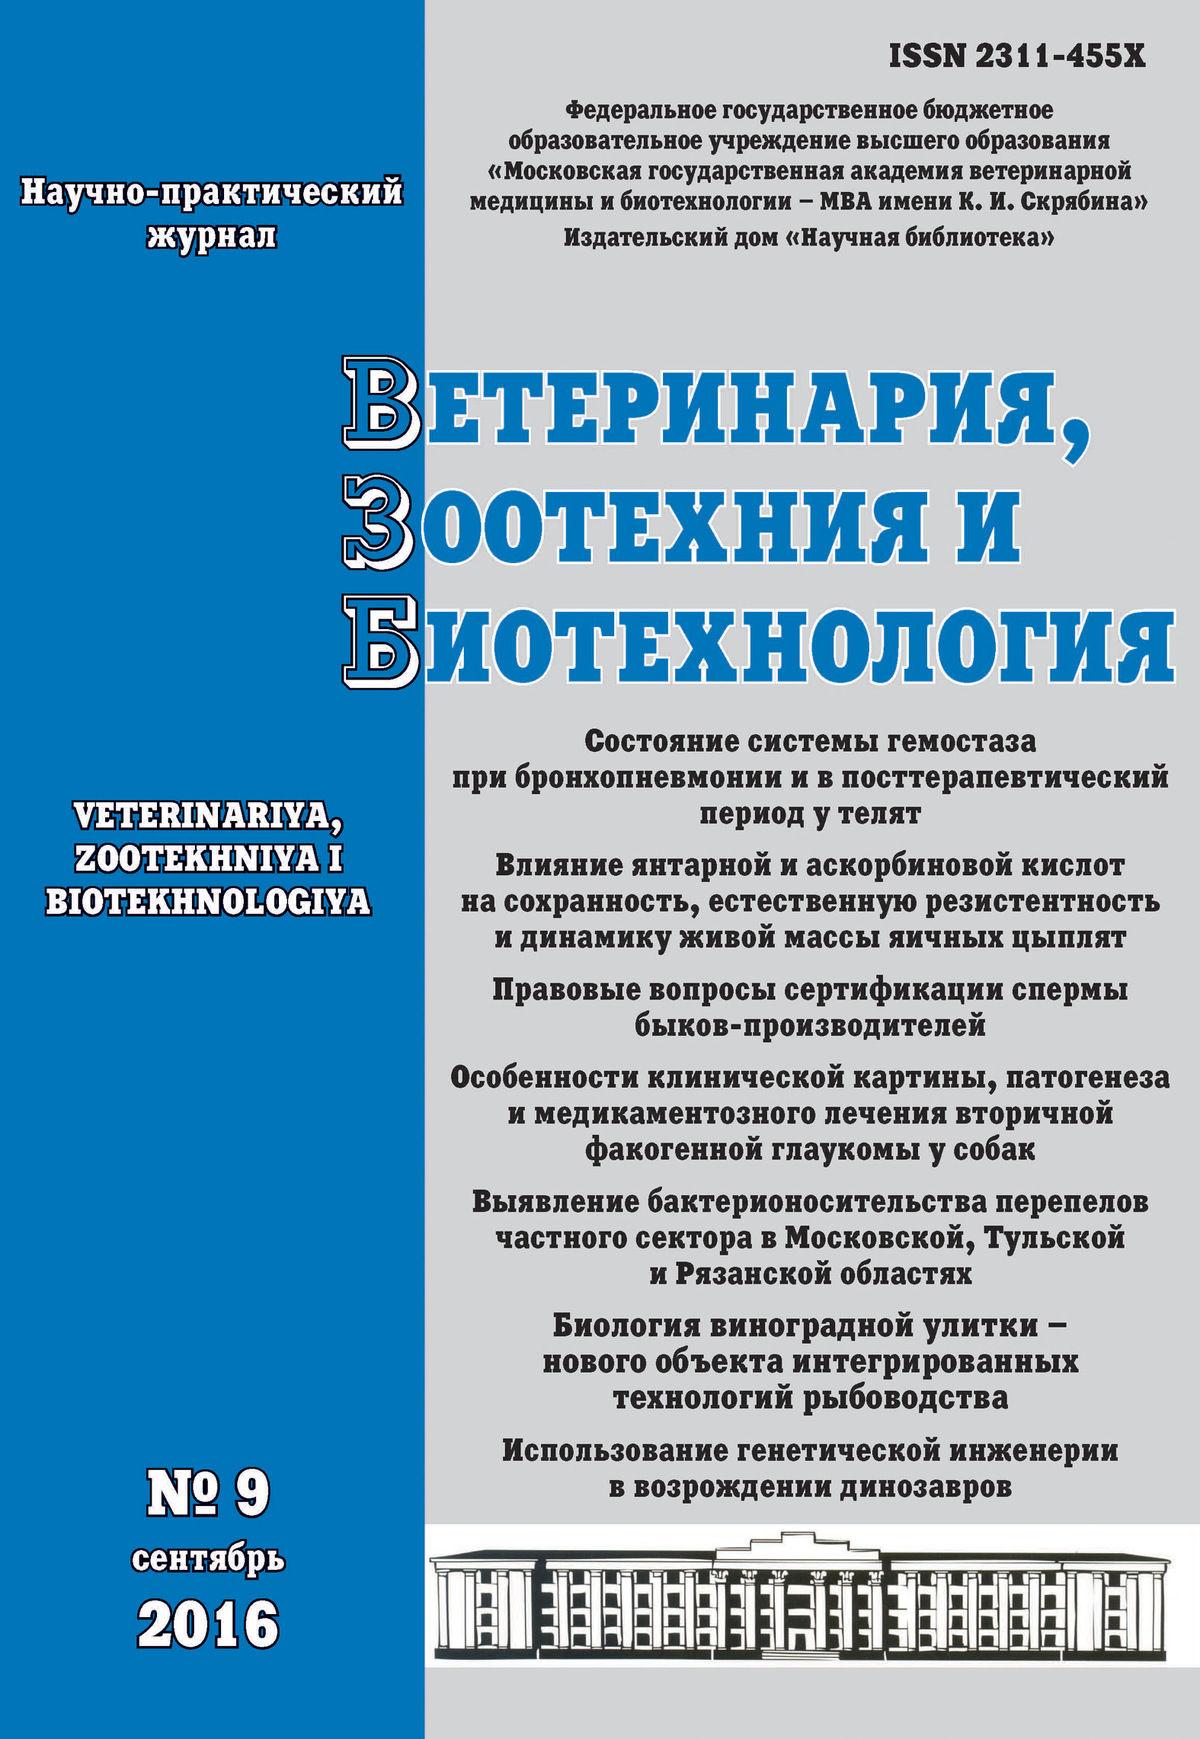 Ветеринария, зоотехния и биотехнология №9 2016 - фото